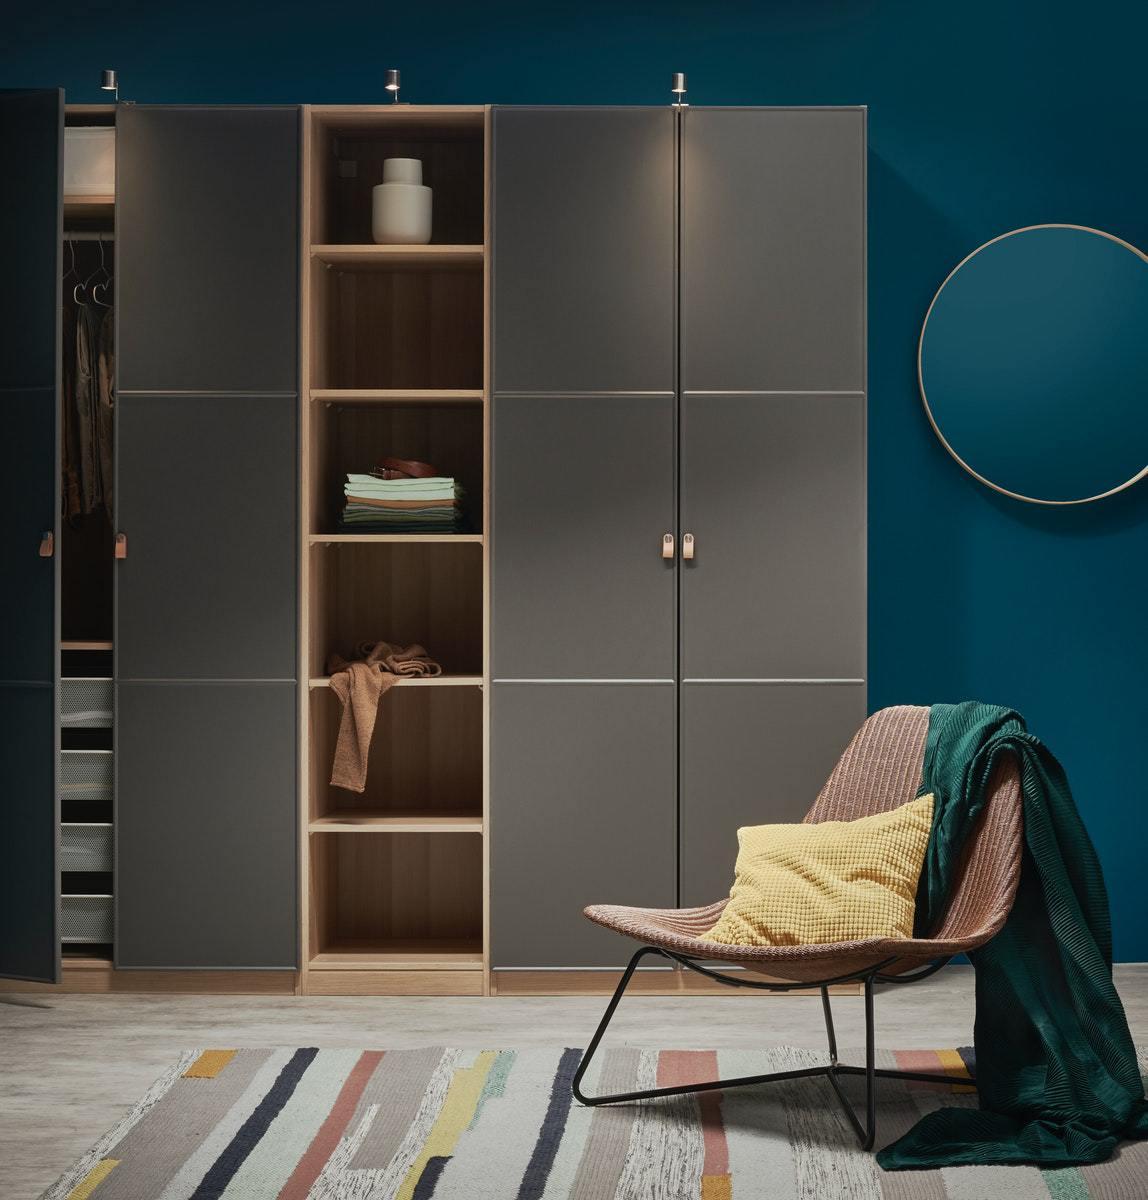 Jak w kilku krokach zaprojektować funkcjonalną szafę